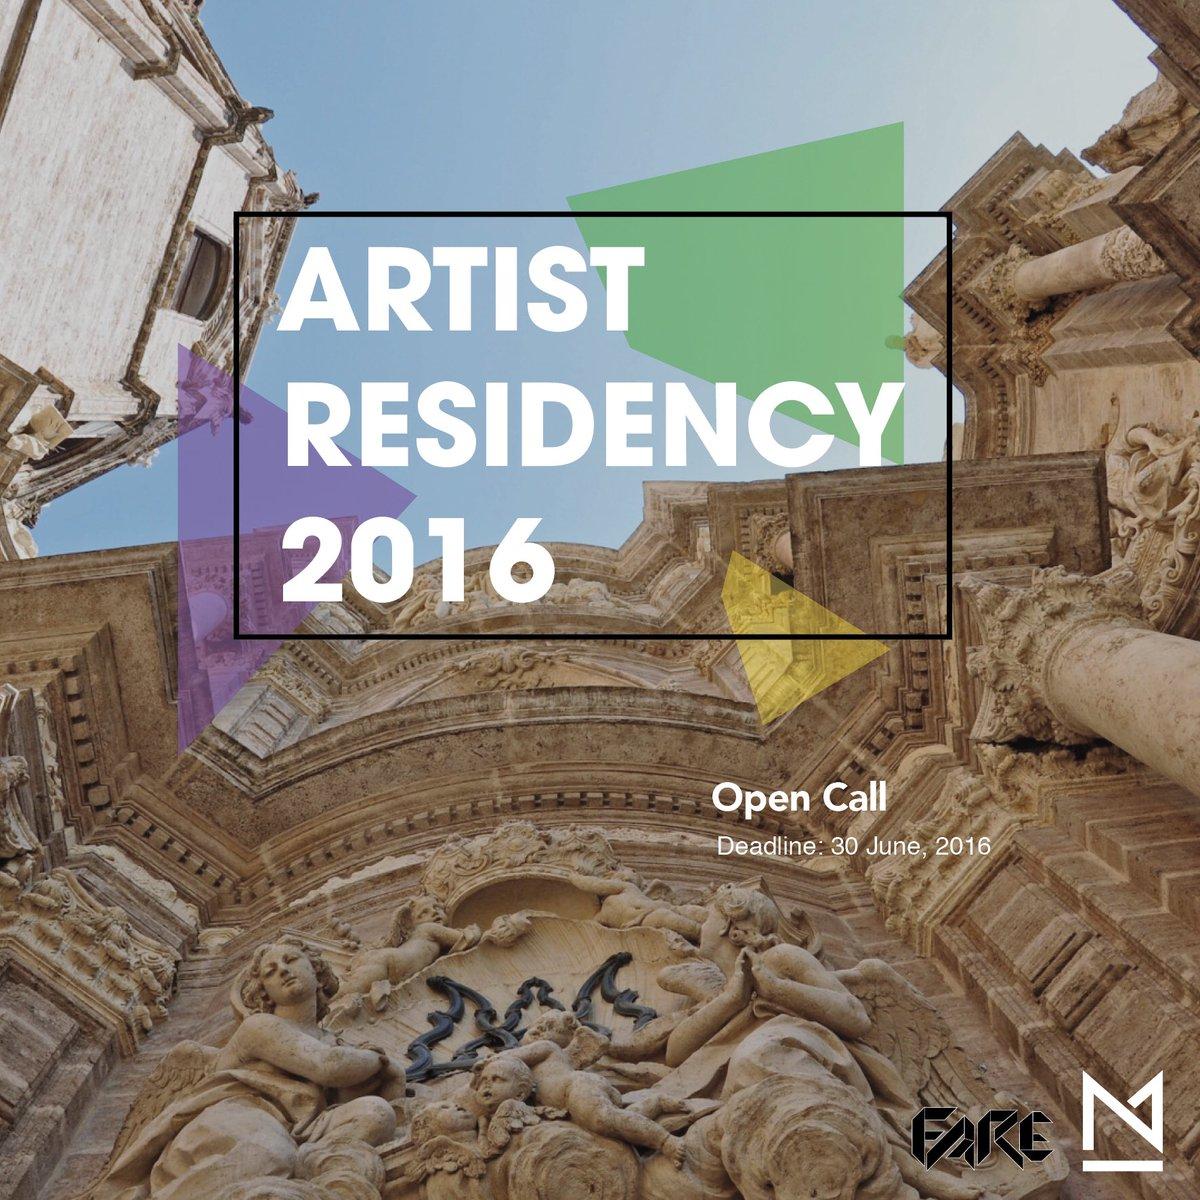 Open Call: Artist Residency 2016 دعوة للمشاركة: برنامج الفنان المقيم 2016 https://t.co/E9vqsJVTcf #marayaartcentre https://t.co/Uq0xXd25Wo